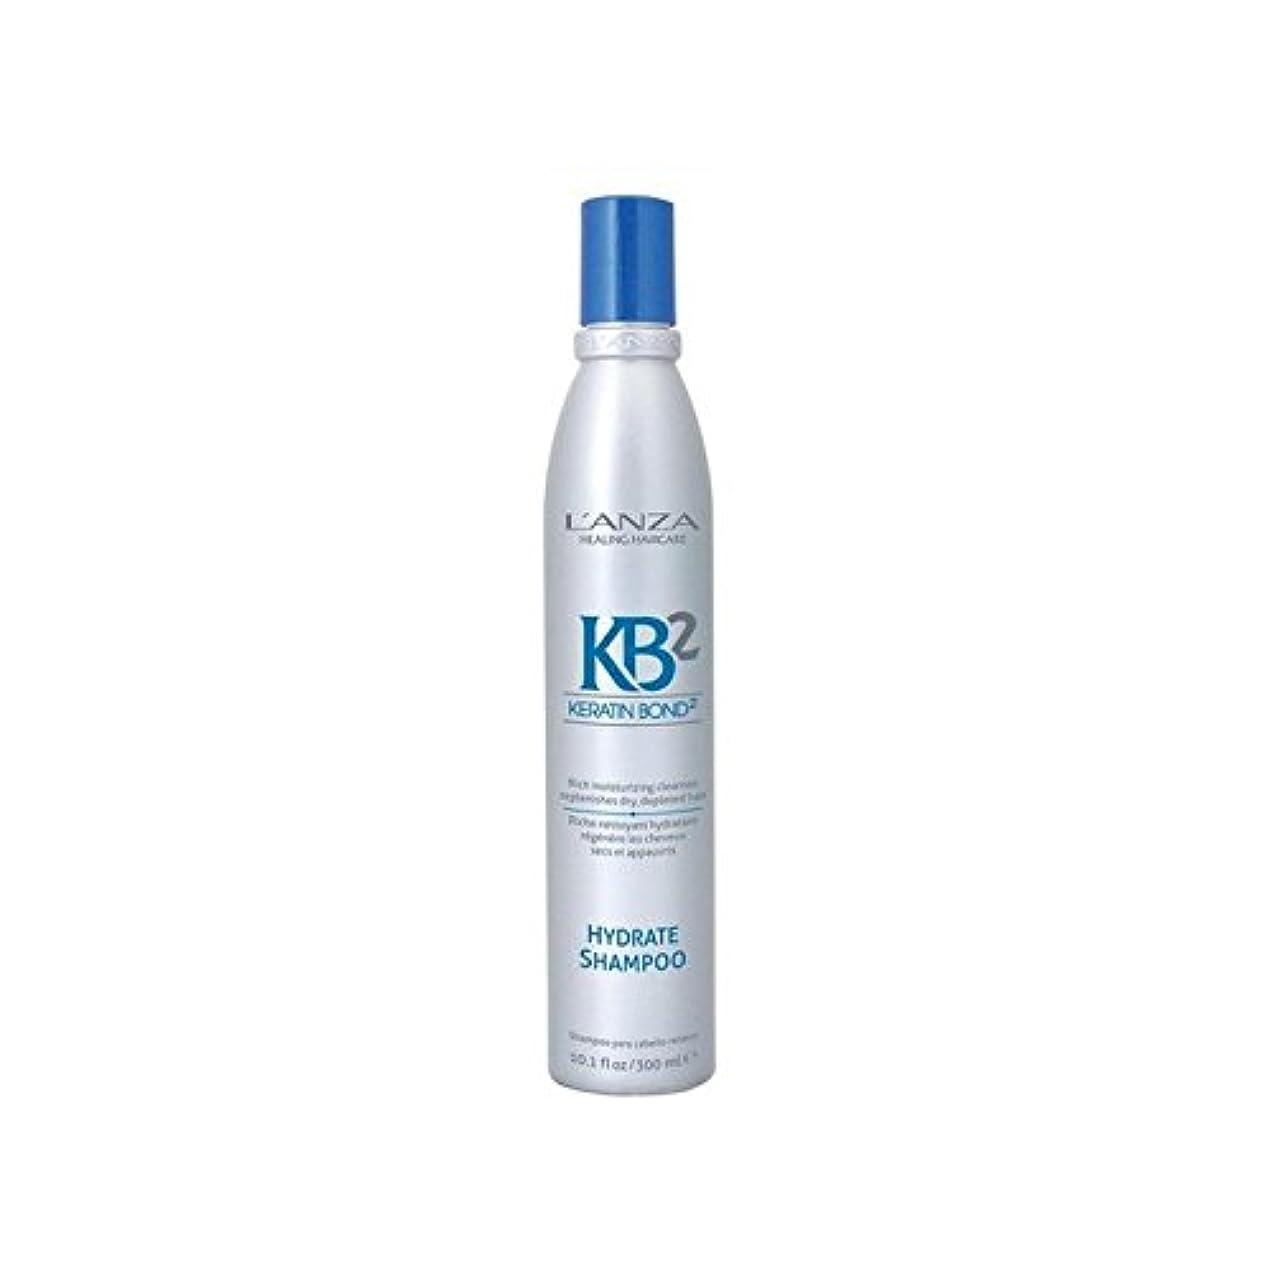 十分わな審判アンザ2和物シャンプー(300ミリリットル) x4 - L'Anza Kb2 Hydrate Shampoo (300ml) (Pack of 4) [並行輸入品]